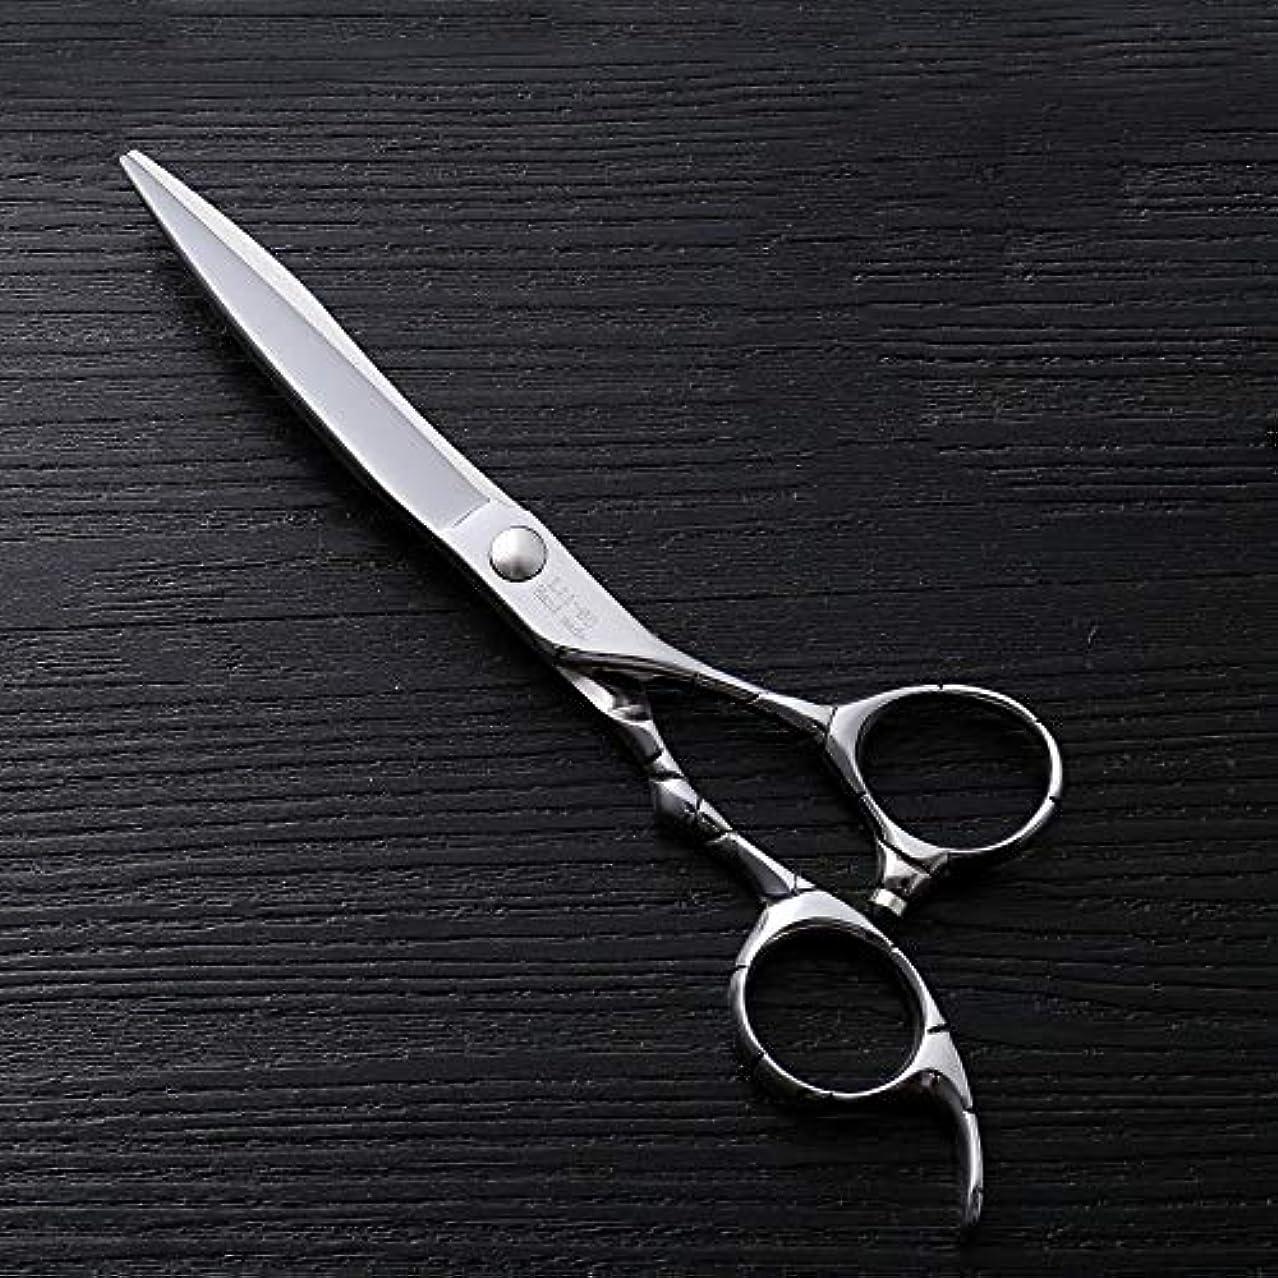 排気知覚的ブラウズ6インチファイントリムプロフェッショナルフラットシアハイエンドステンレスフラット理髪はさみ モデリングツール (色 : Silver)